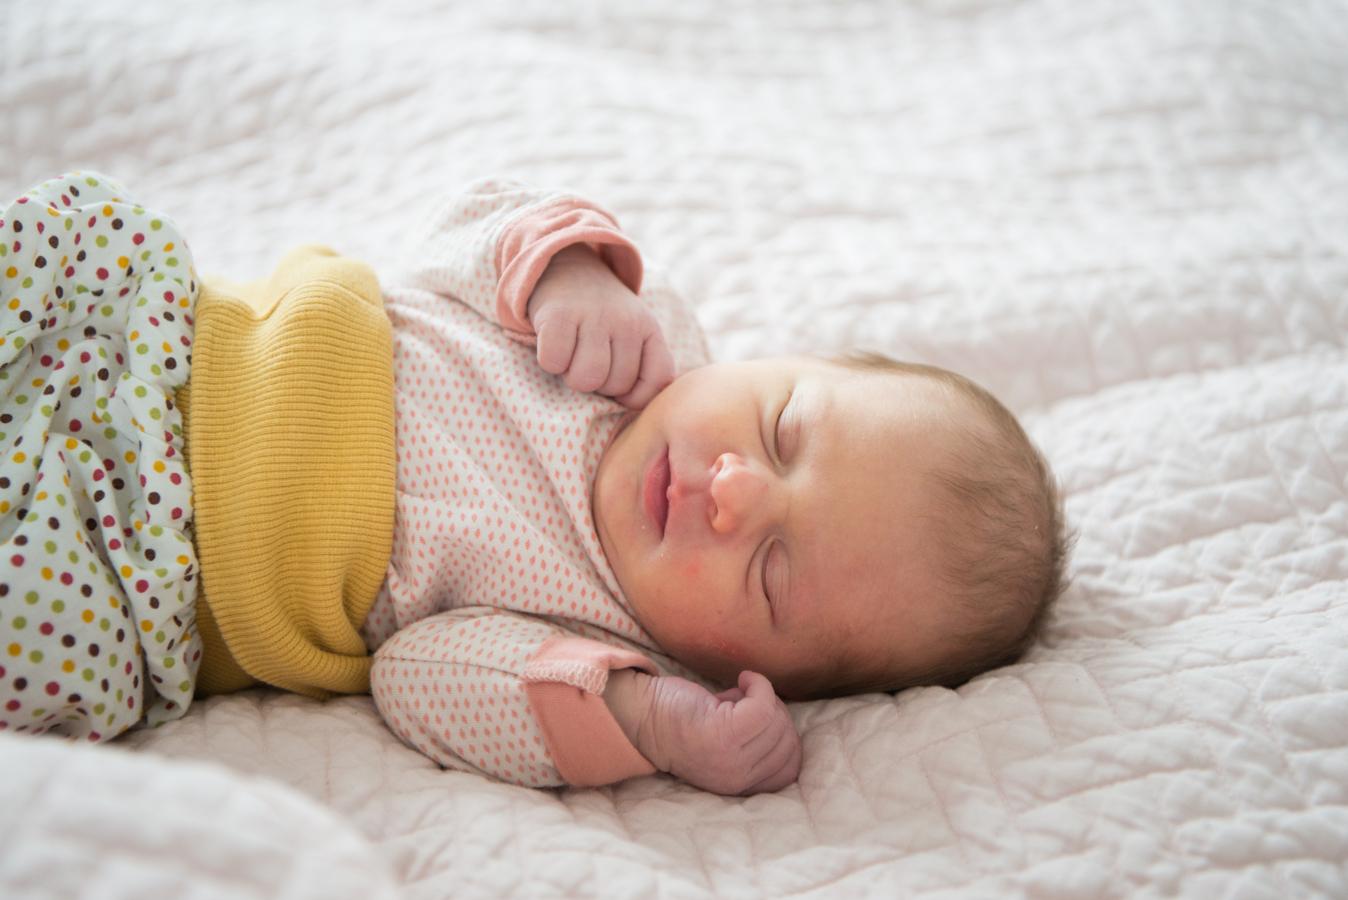 Neugeborenes Baby Mädchen, das mit Kaiserschnitt geboren wurde,liegt auf rosa Decke und schläft